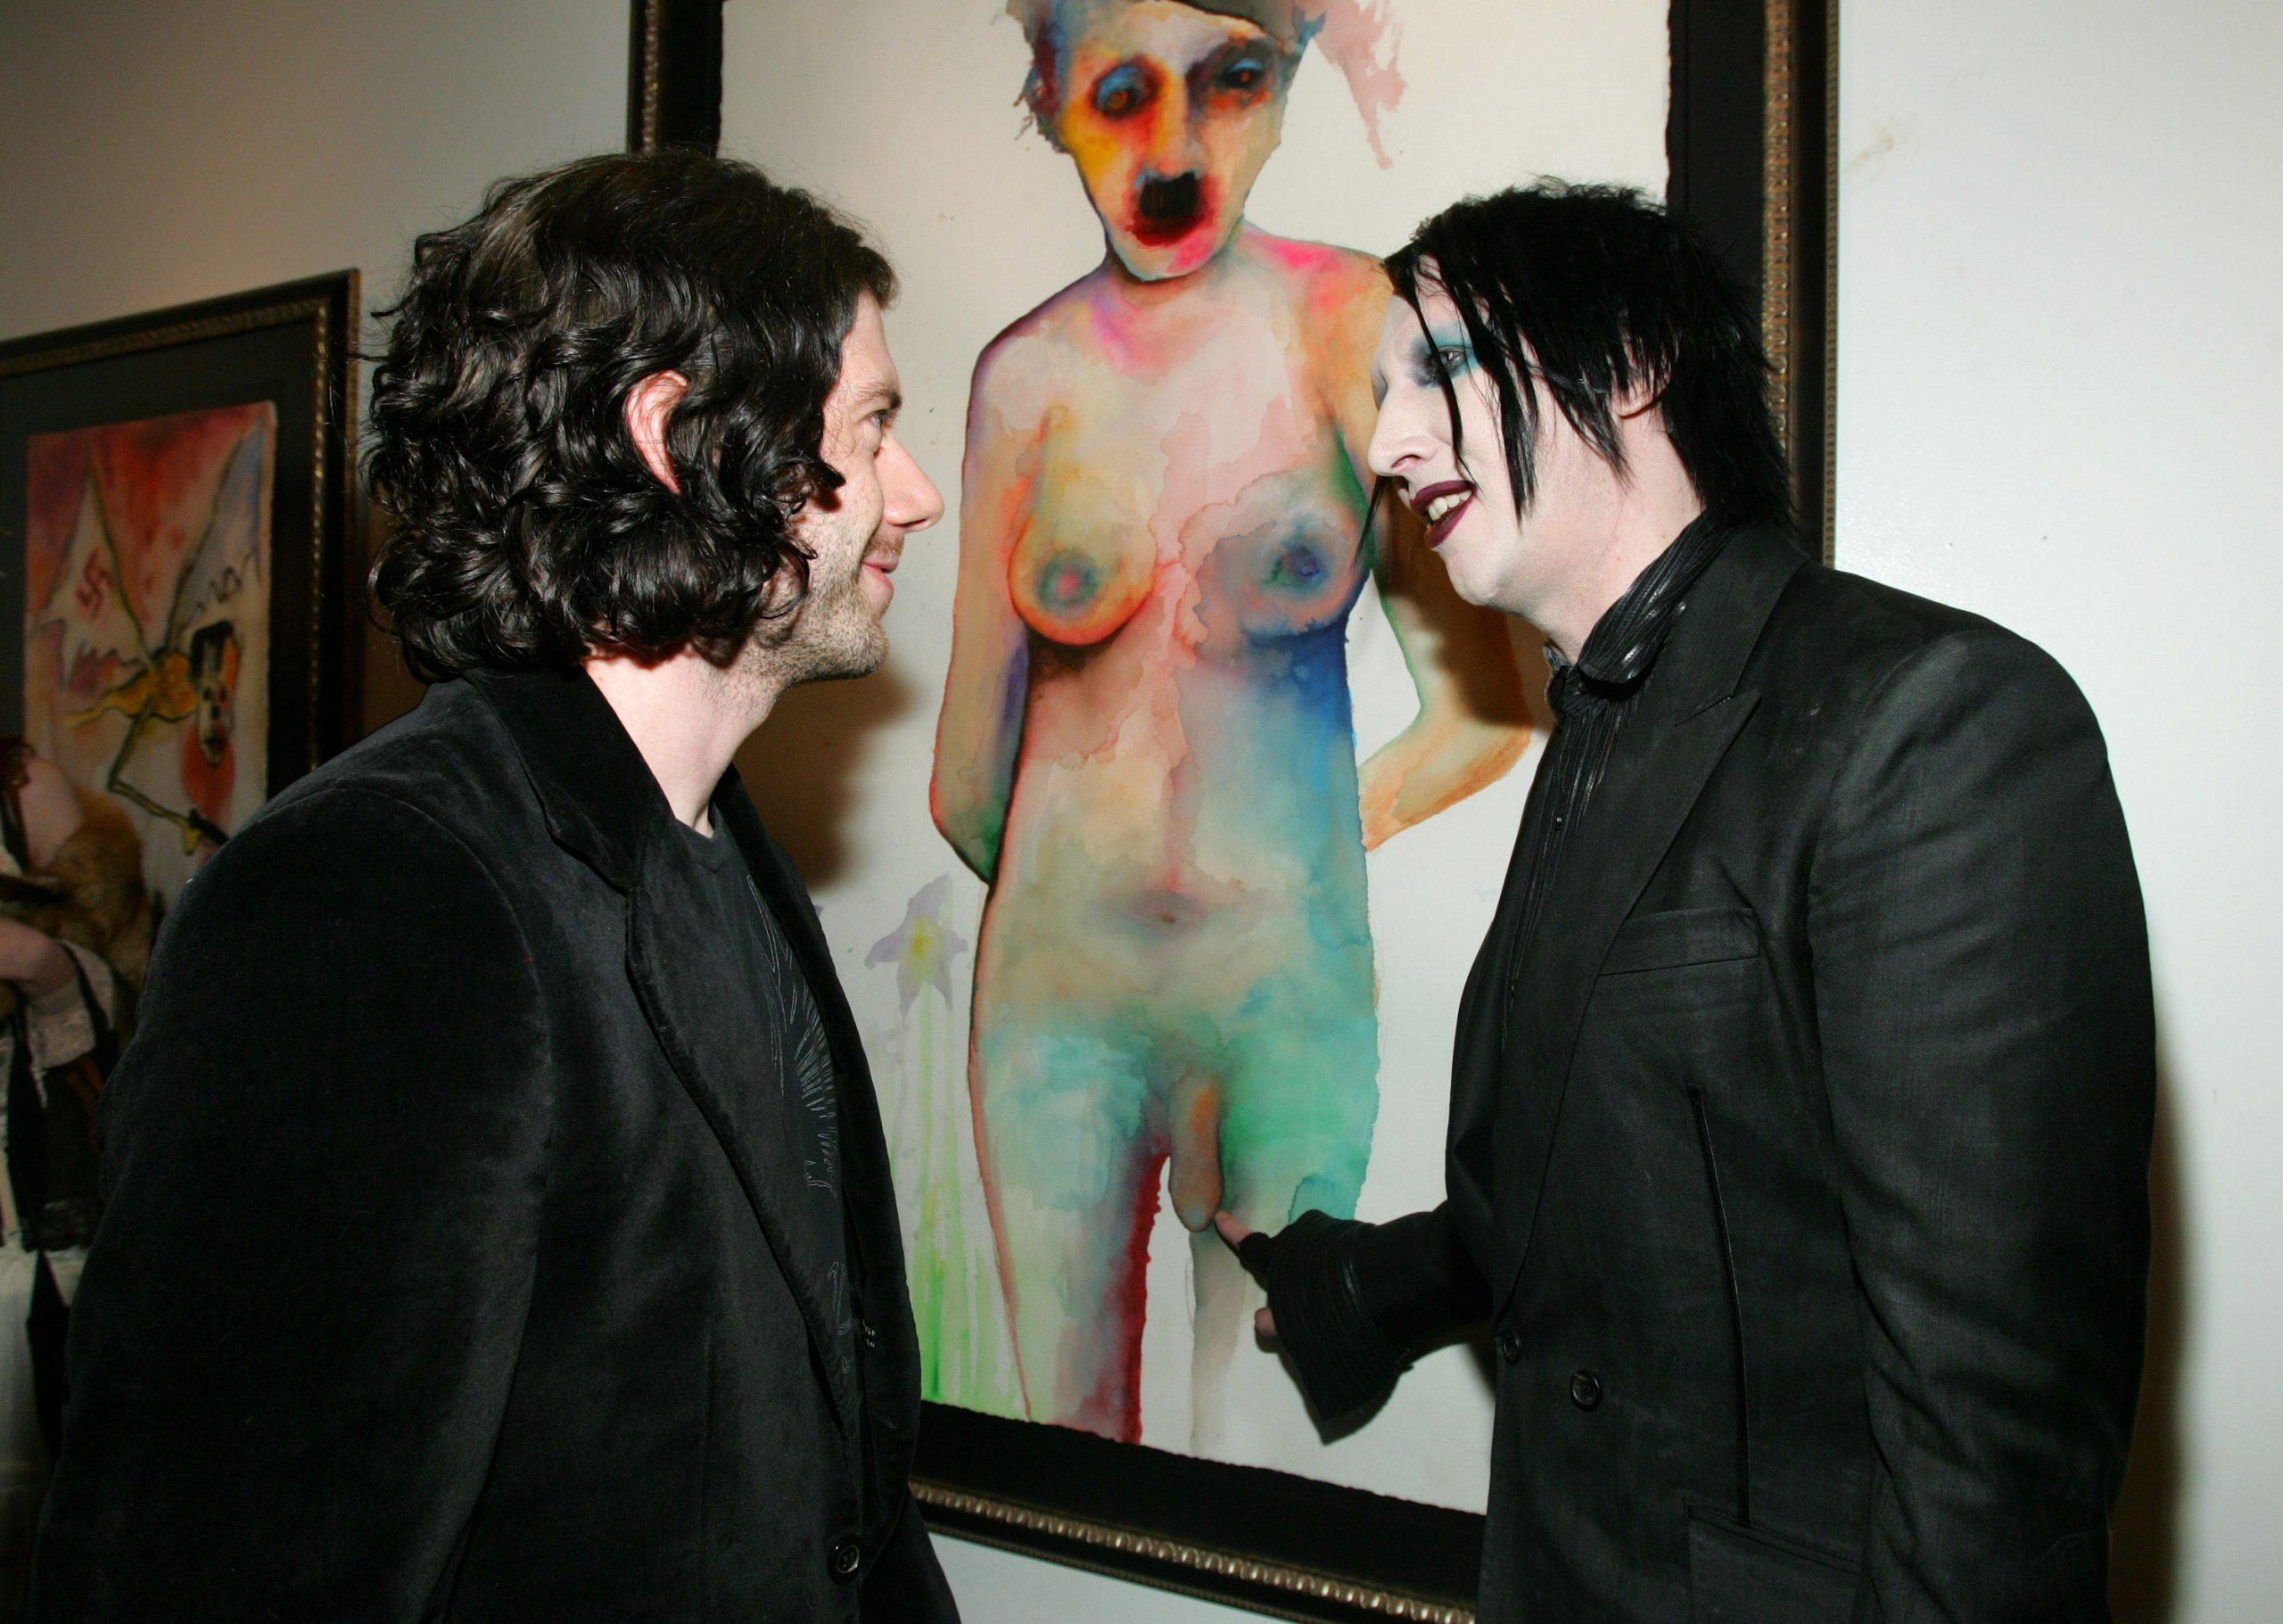 Continuan las declaraciones de abuso en contra de Marilyn Manson